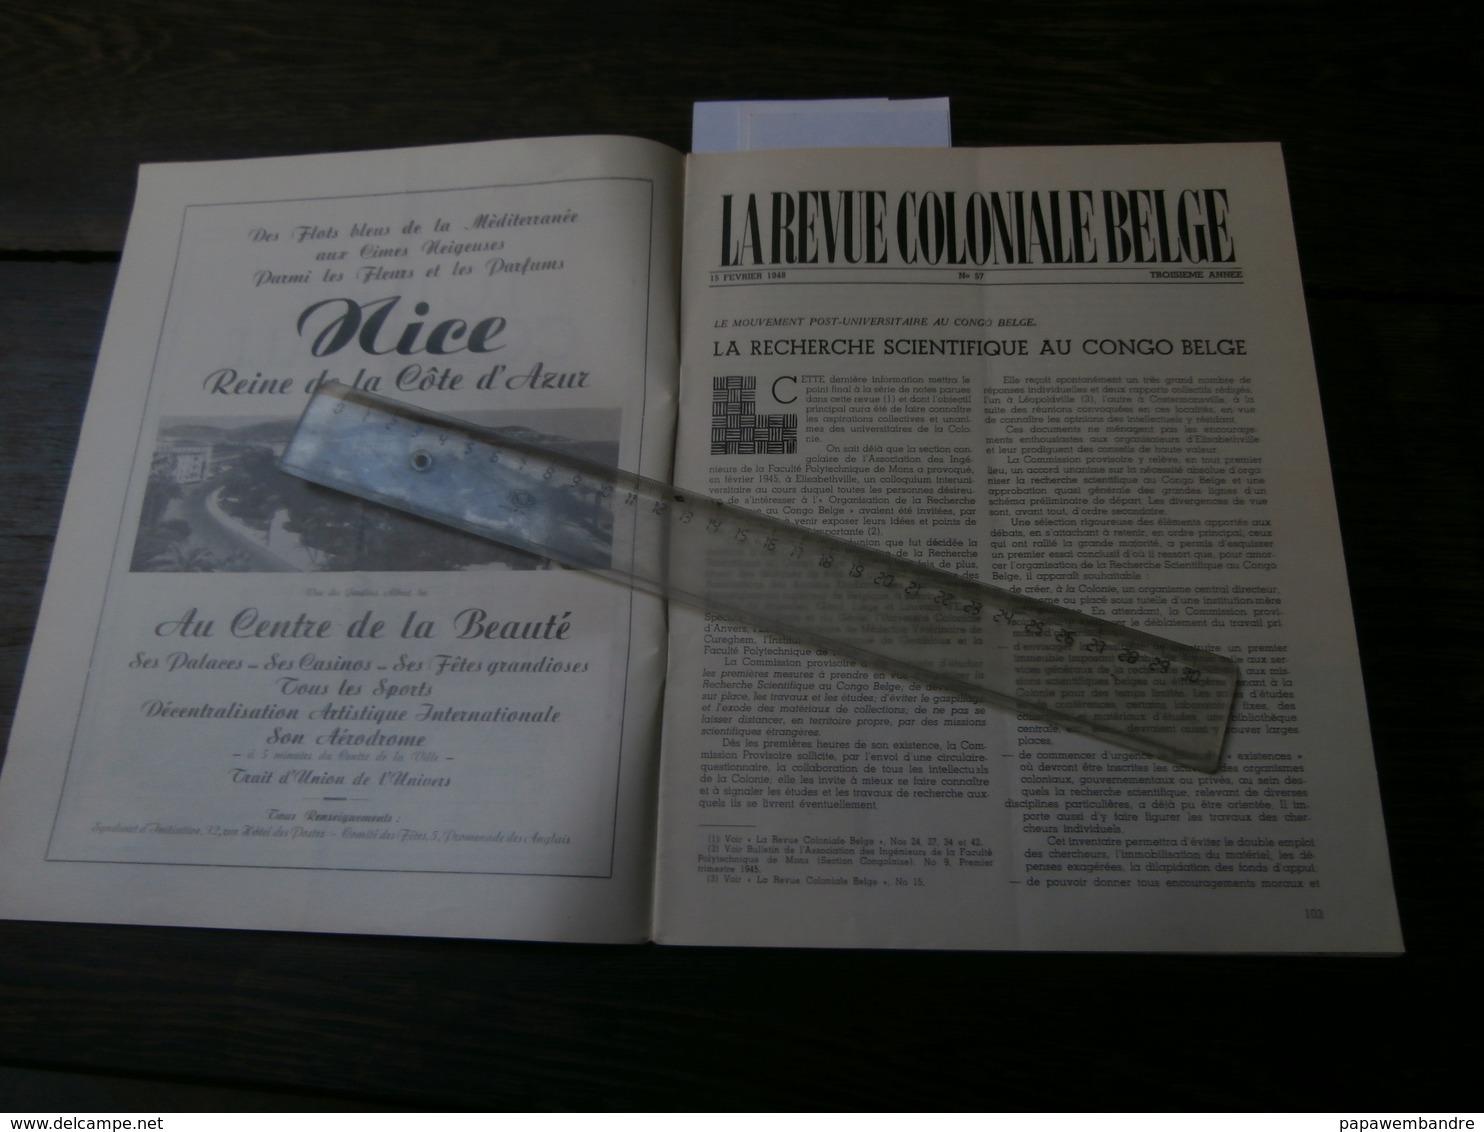 La Revue Coloniale Belge 57 (15/02/1948) : Congo, Sanga, Loterie Col., G Pacha, - 1900 - 1949